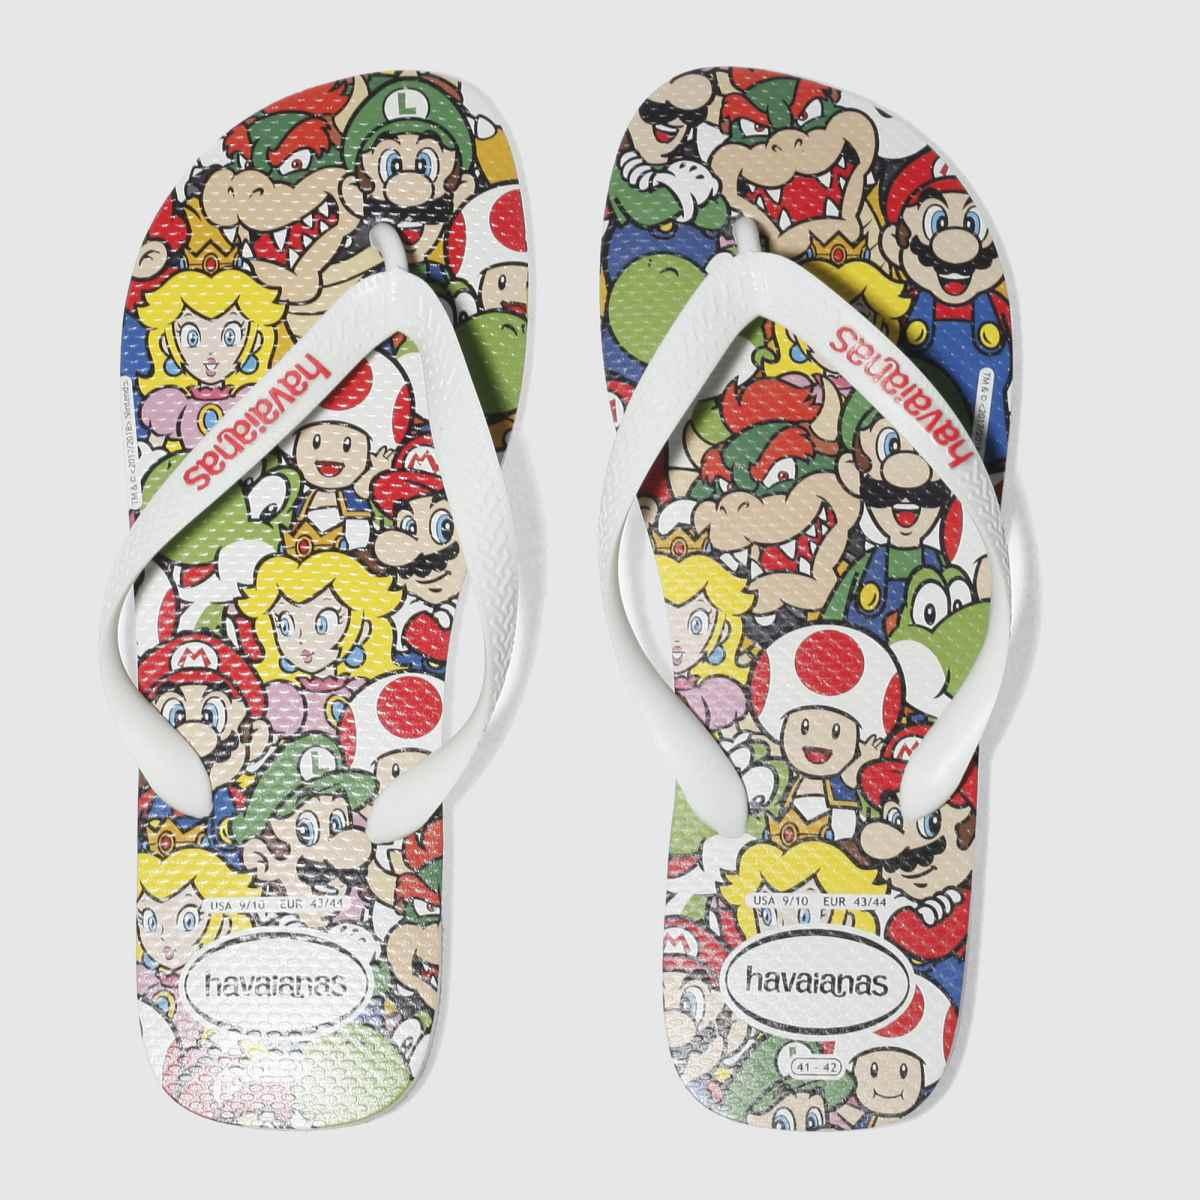 Havaianas Havaianas White & Red Mario Bros Sandals